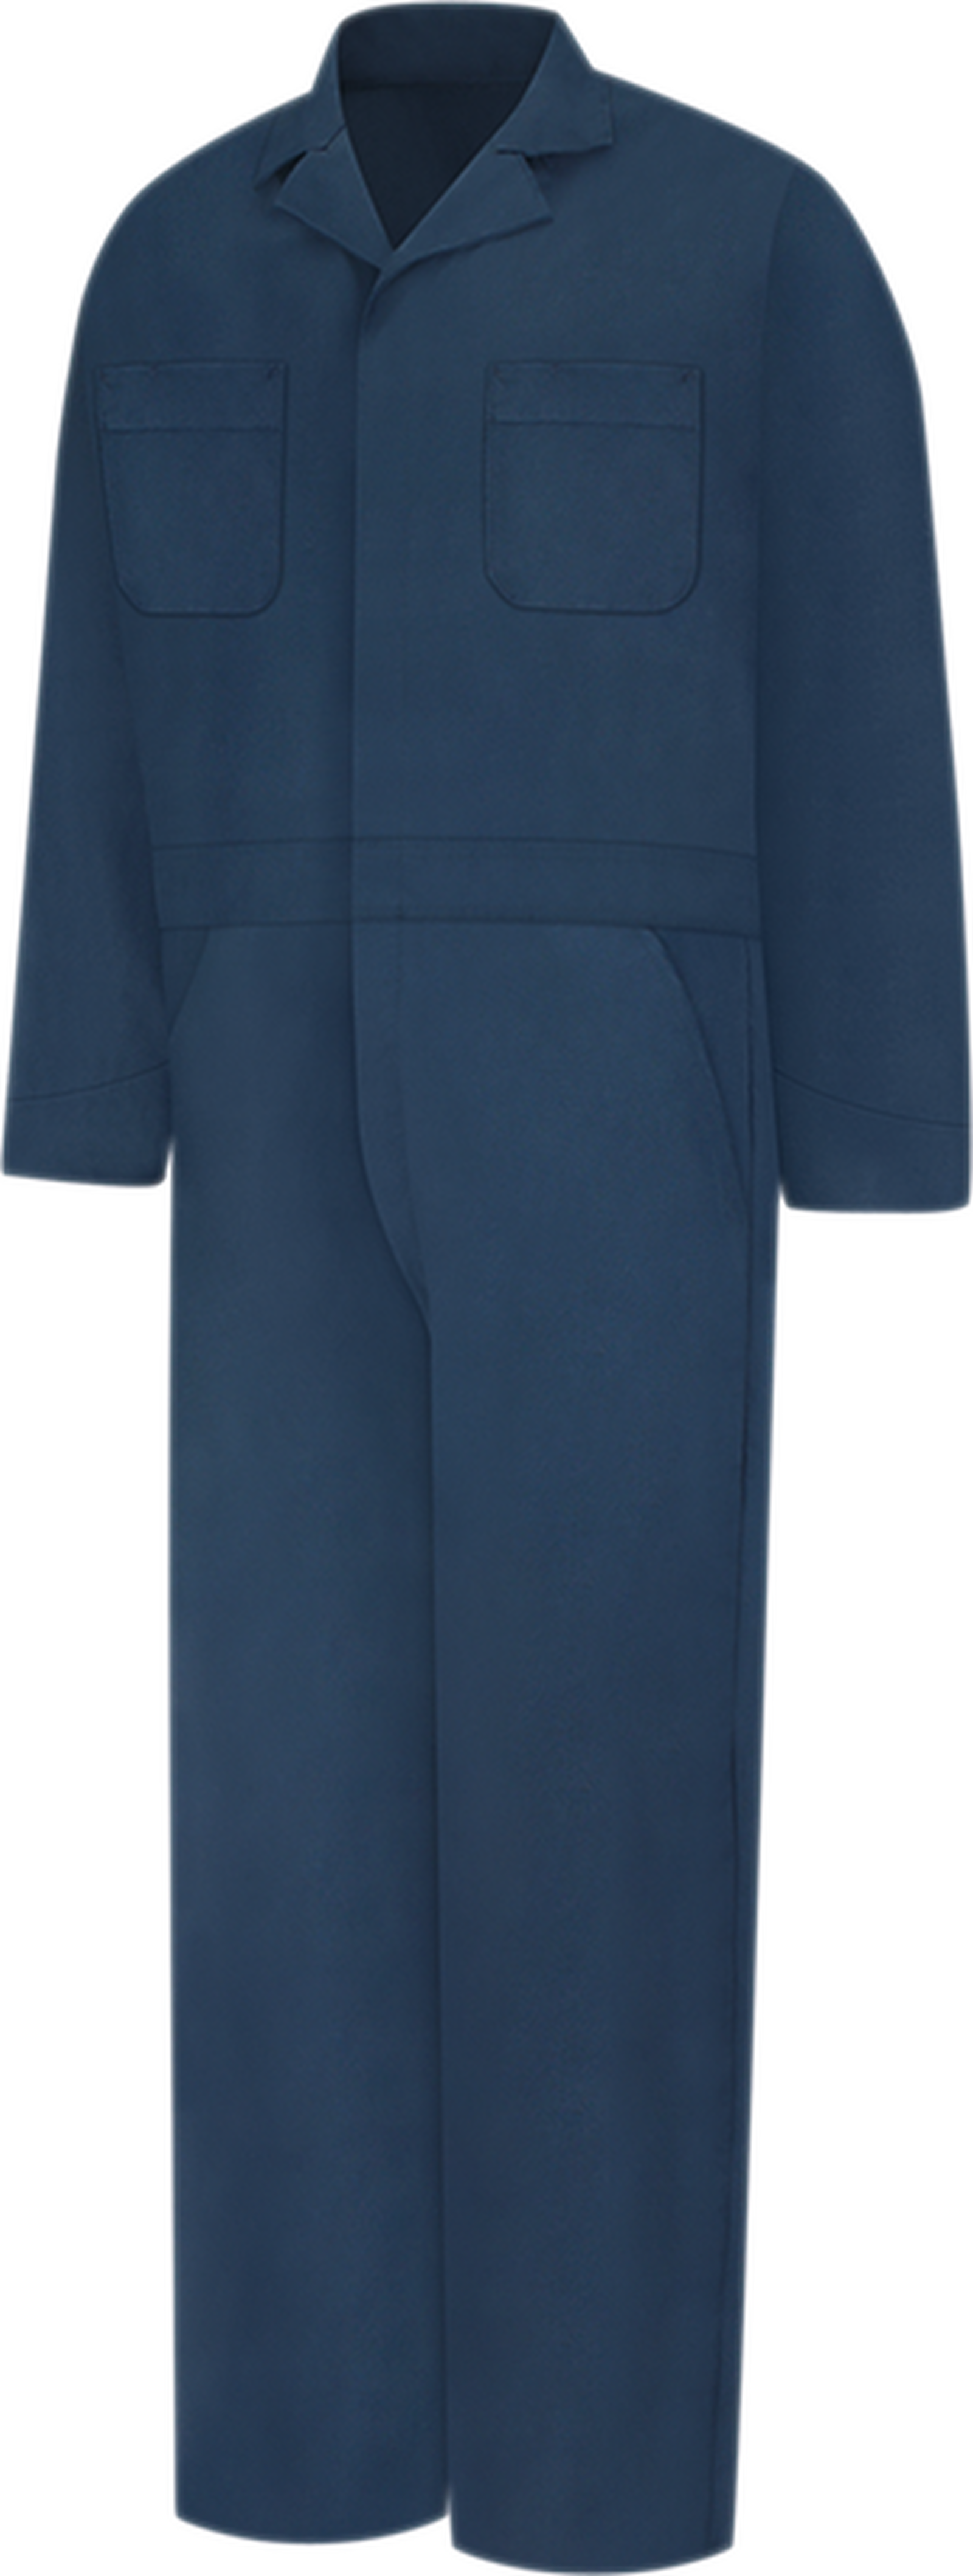 Long Sleeve Speedsuit